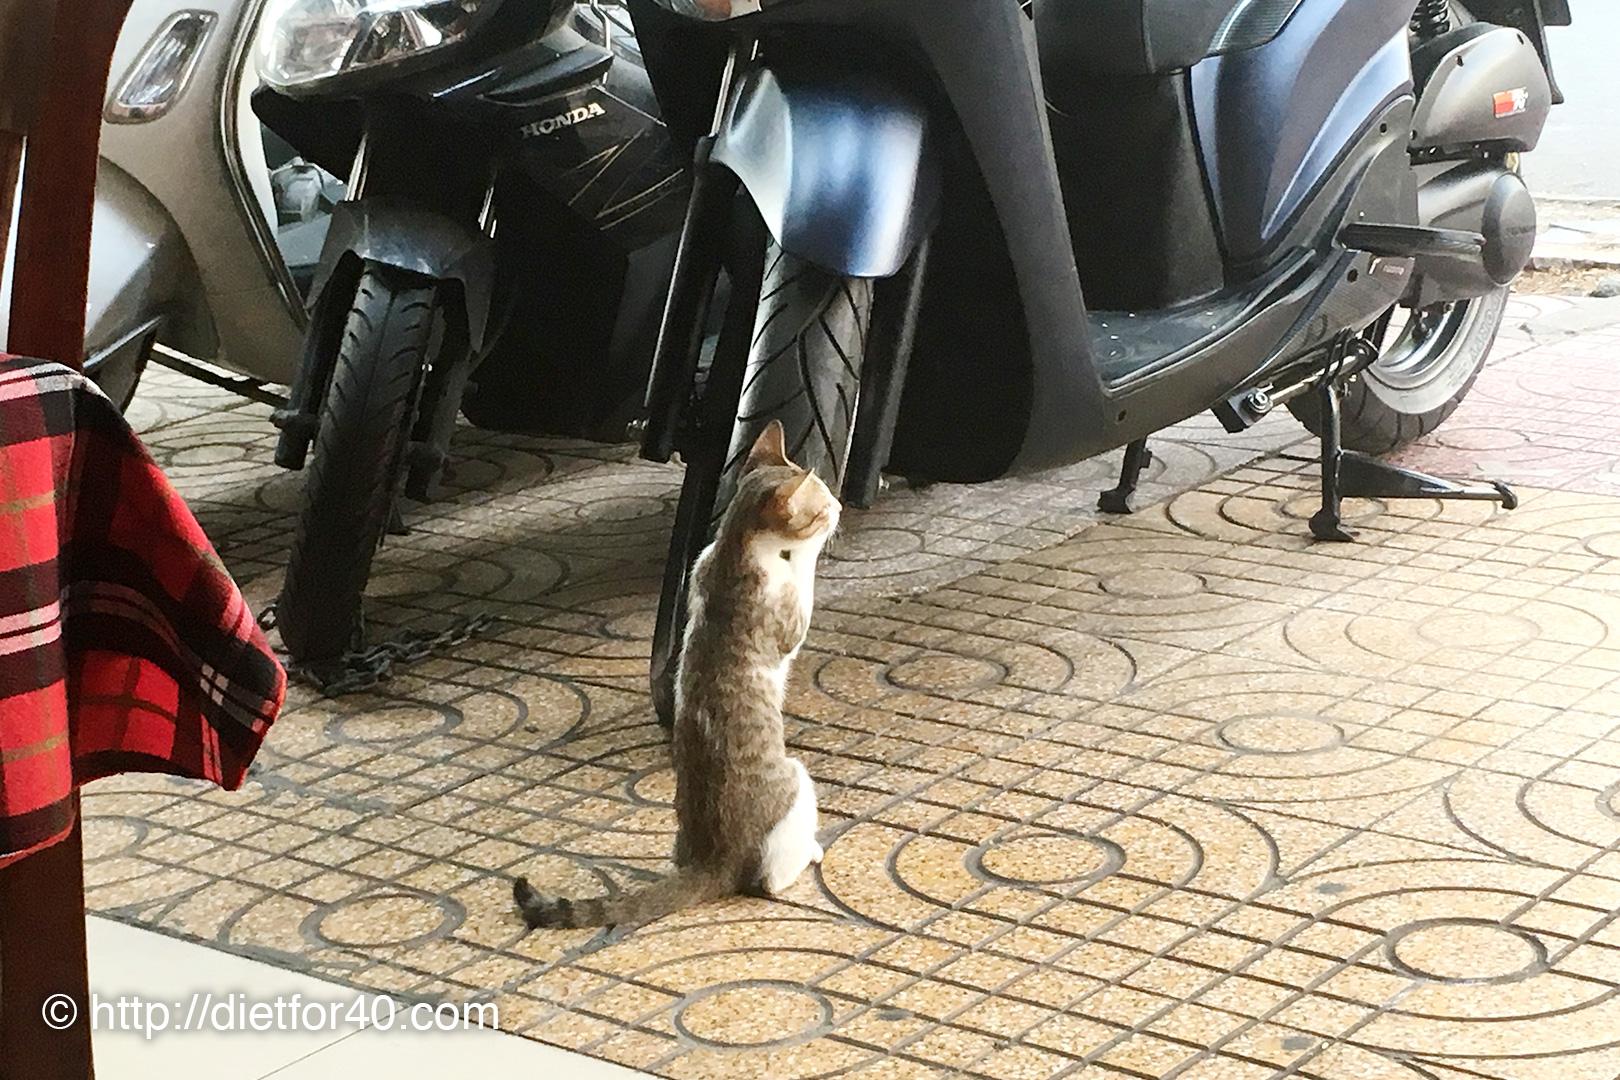 歩道に駐輪されているバイクで爪とぎをするSASA CAFEの猫